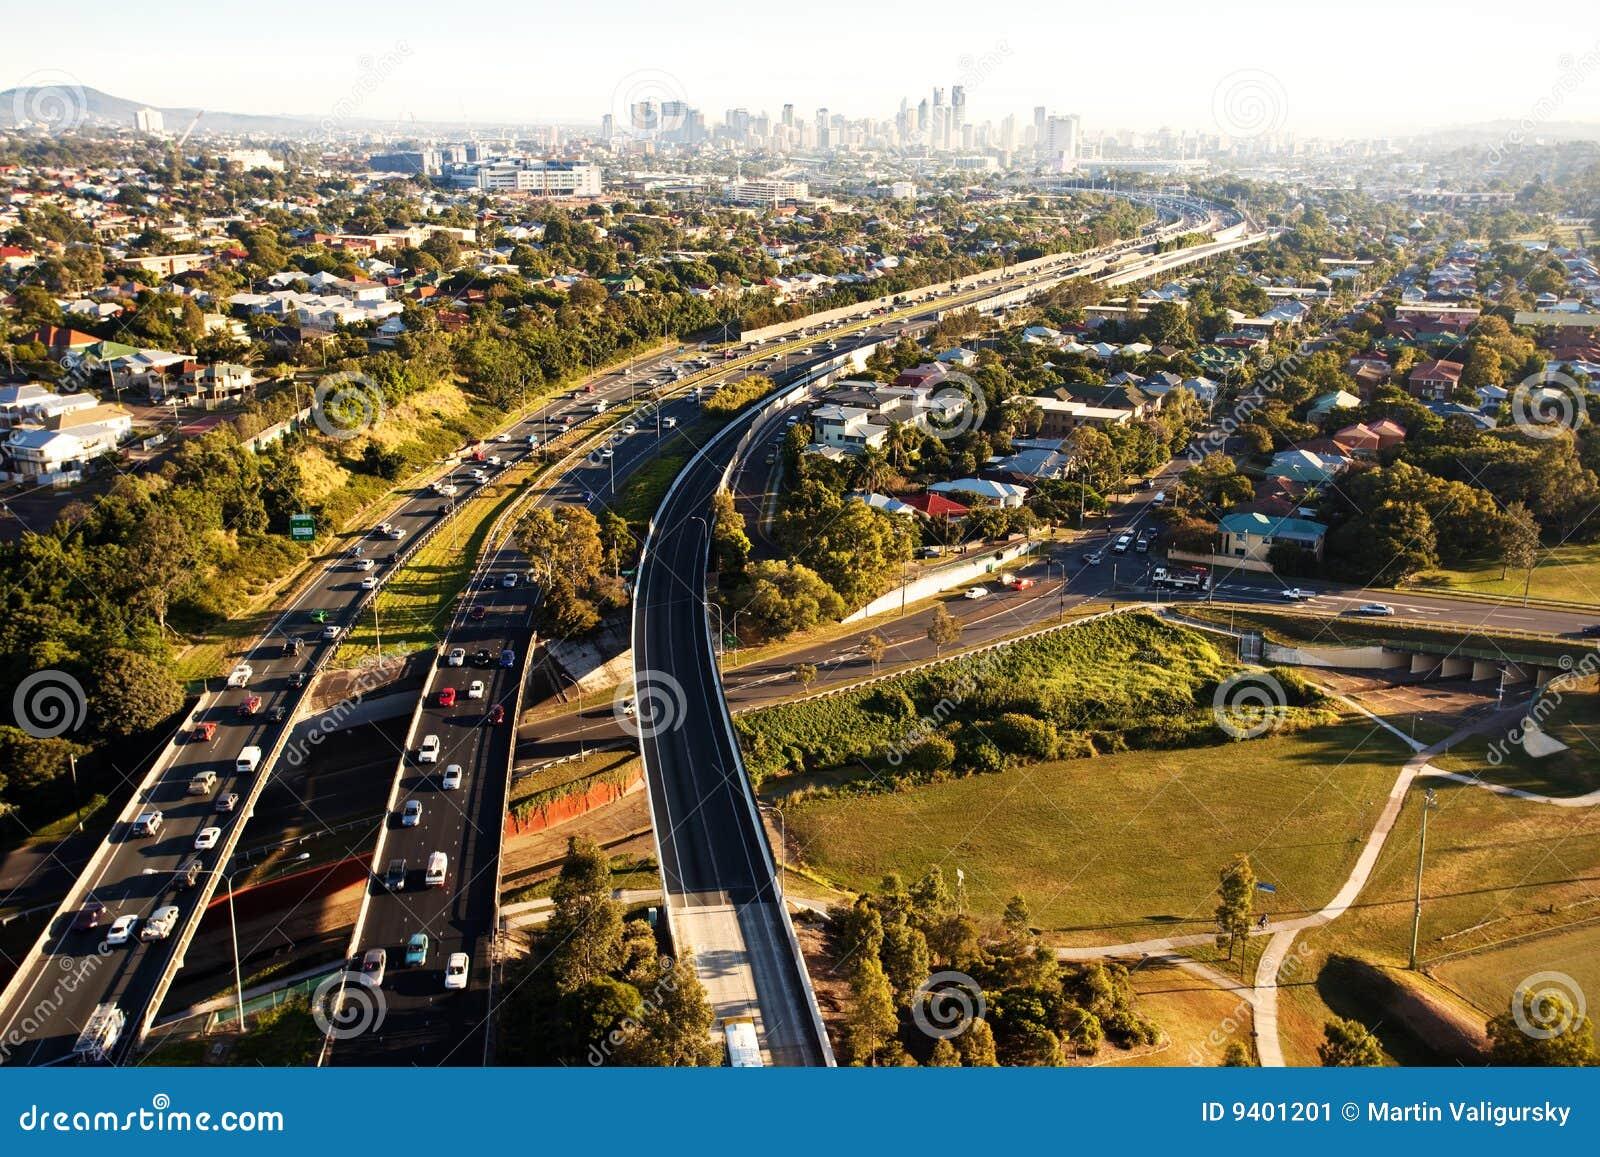 Rush hour 4 release date in Brisbane